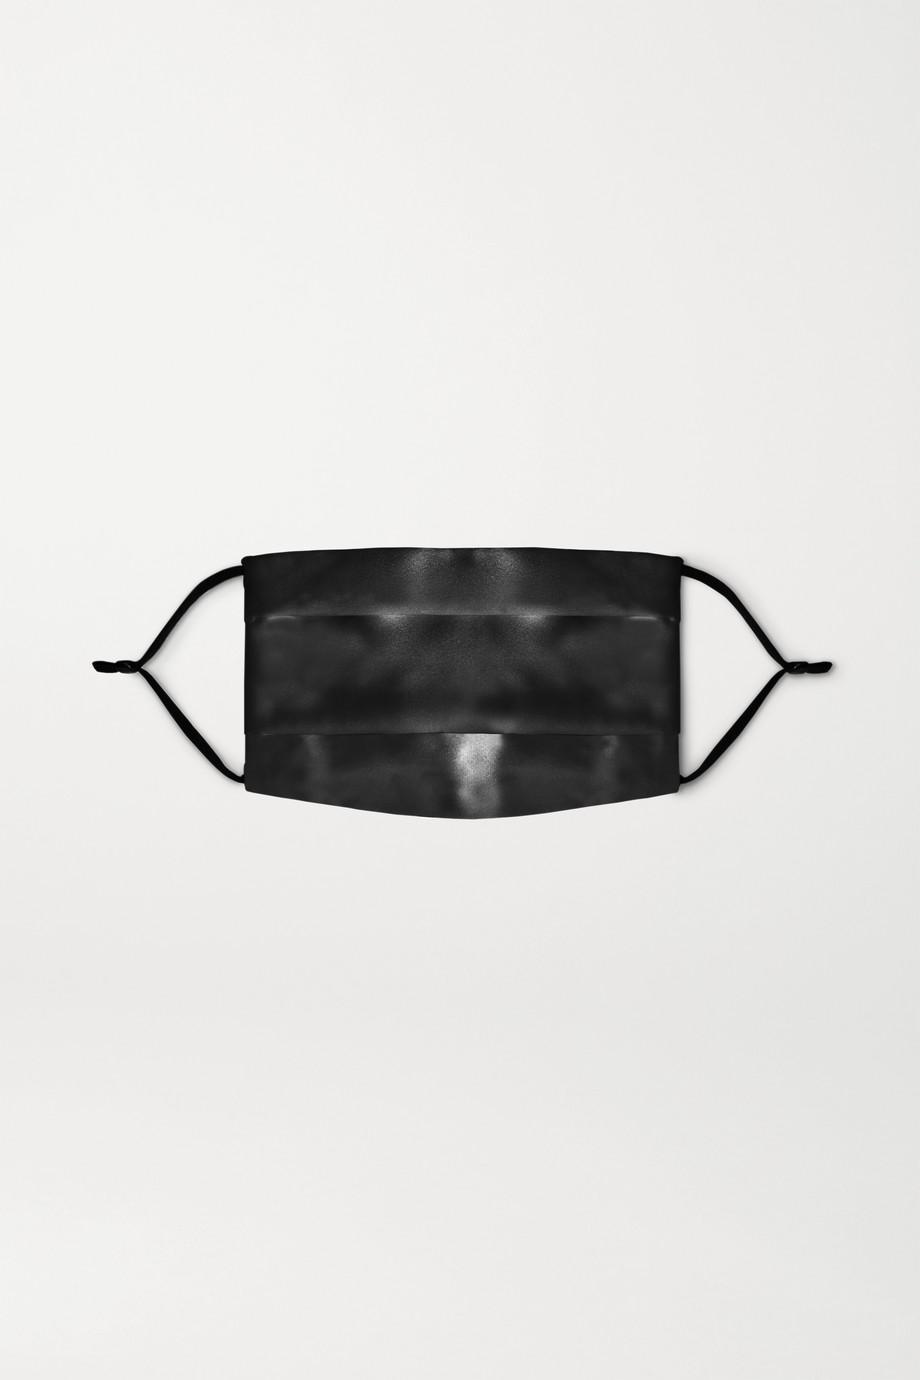 Slip Masque de protection en soie réutilisable, noir